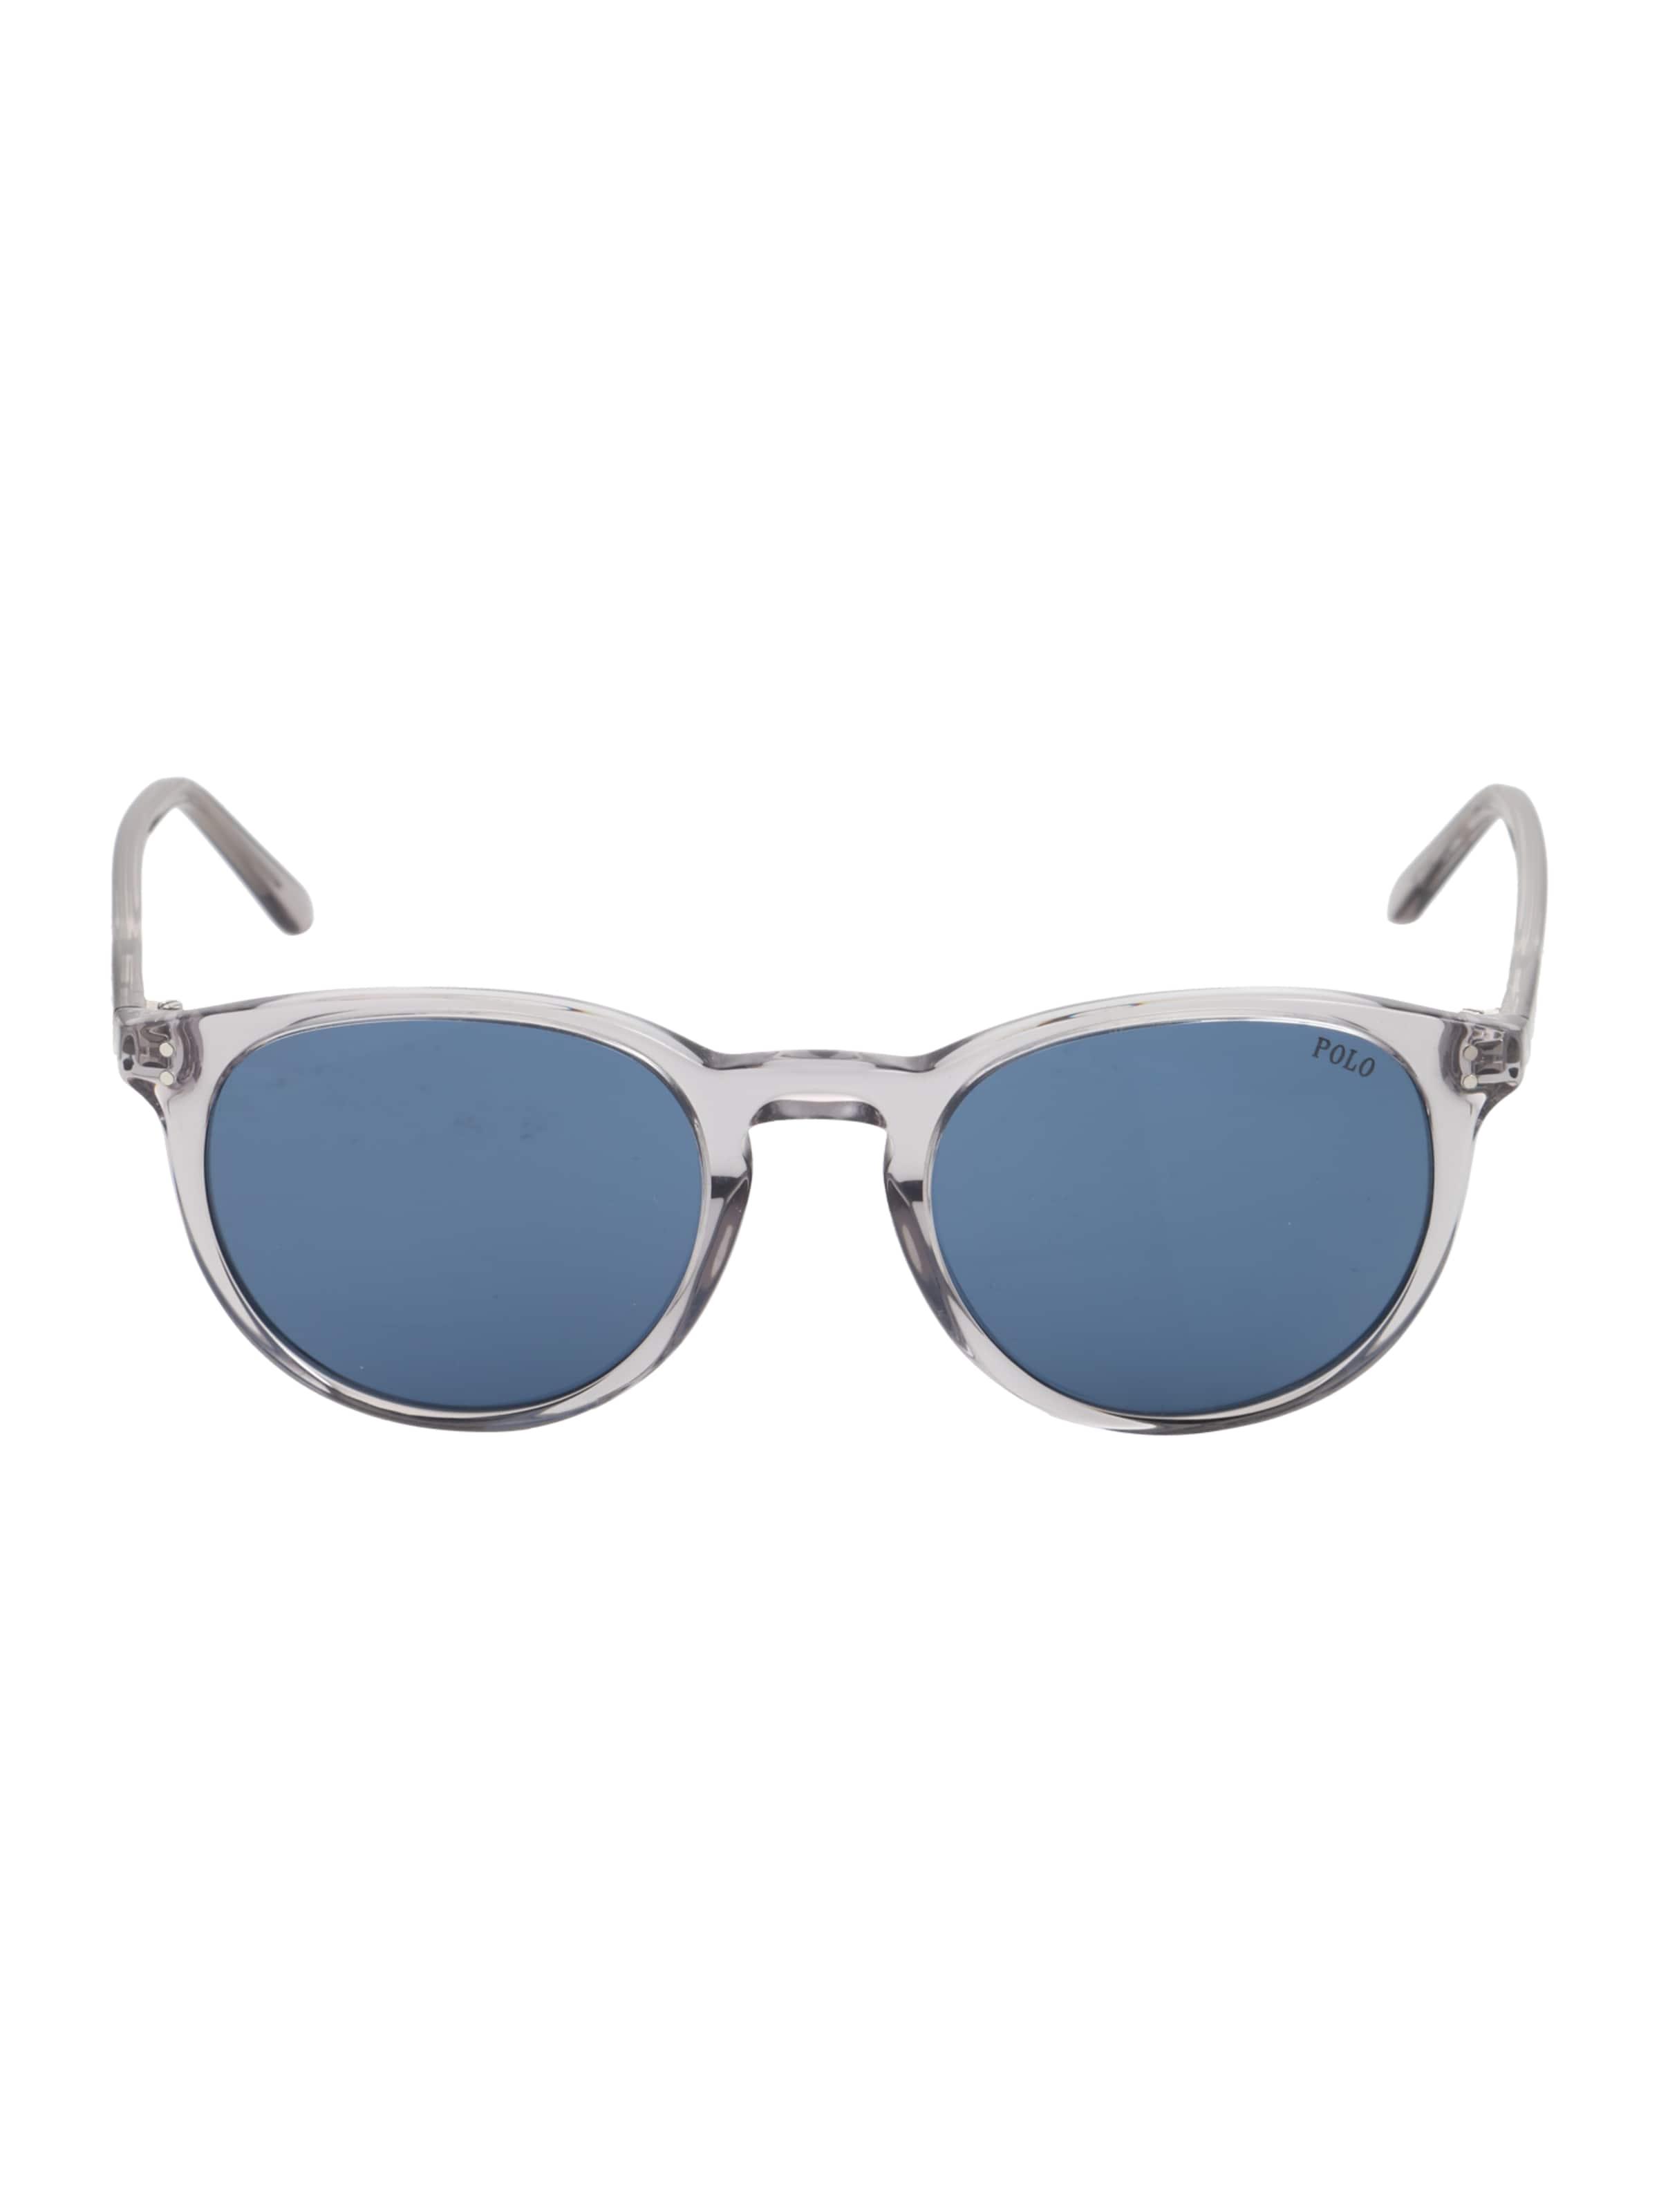 POLO RALPH LAUREN Casual Sonnenbrille mit Panto-Gestell Niedrig Kosten Für Verkauf oRtPnO